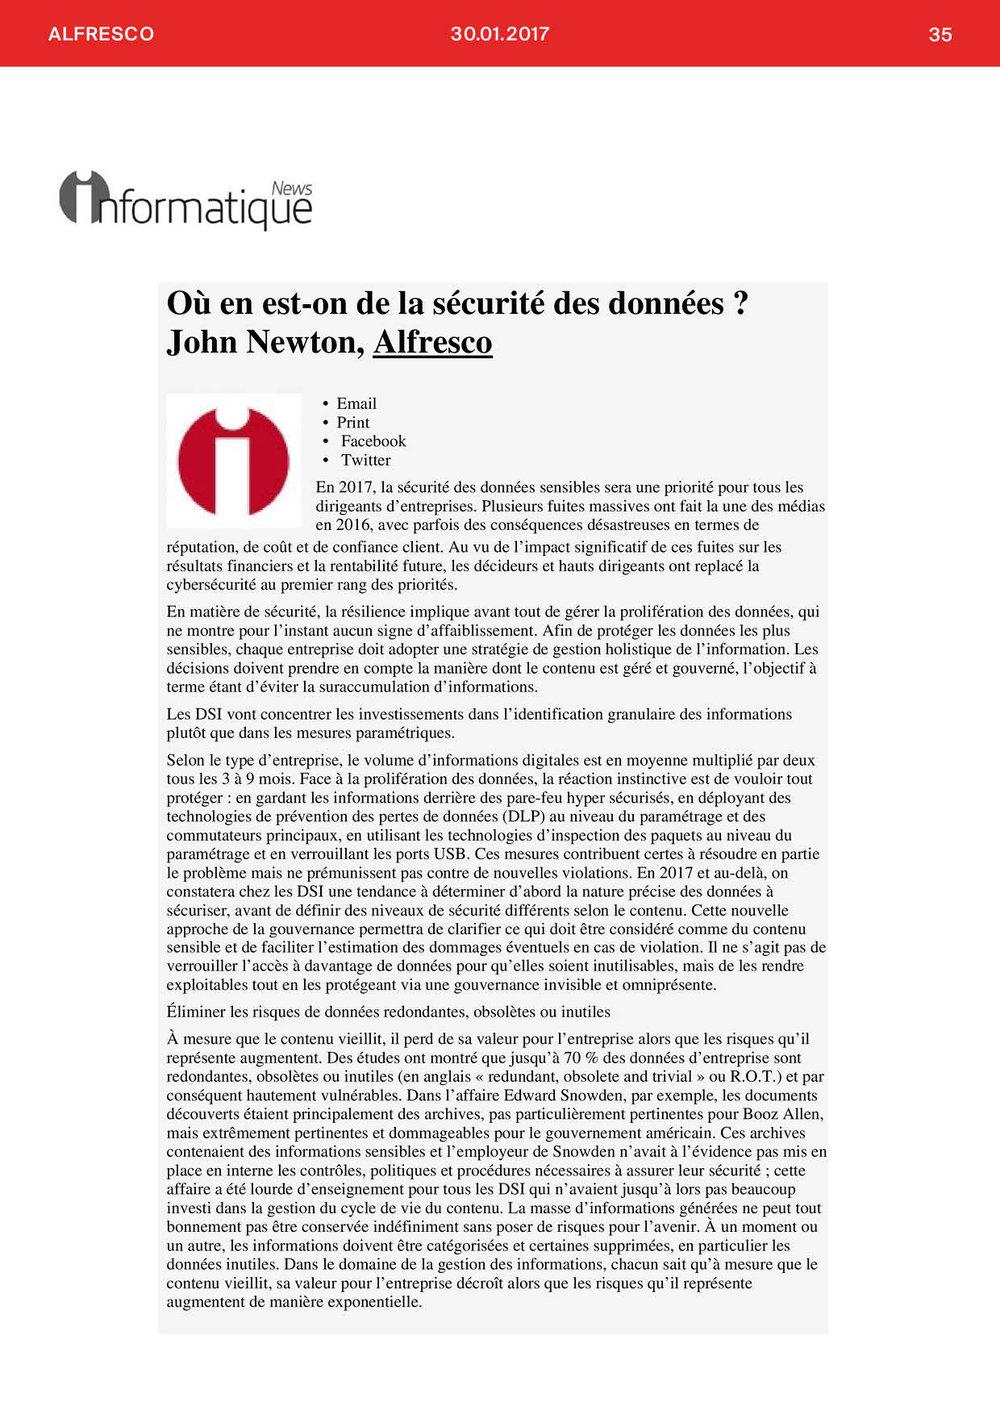 BOOKMEDIA_FEV_WEB35.jpg